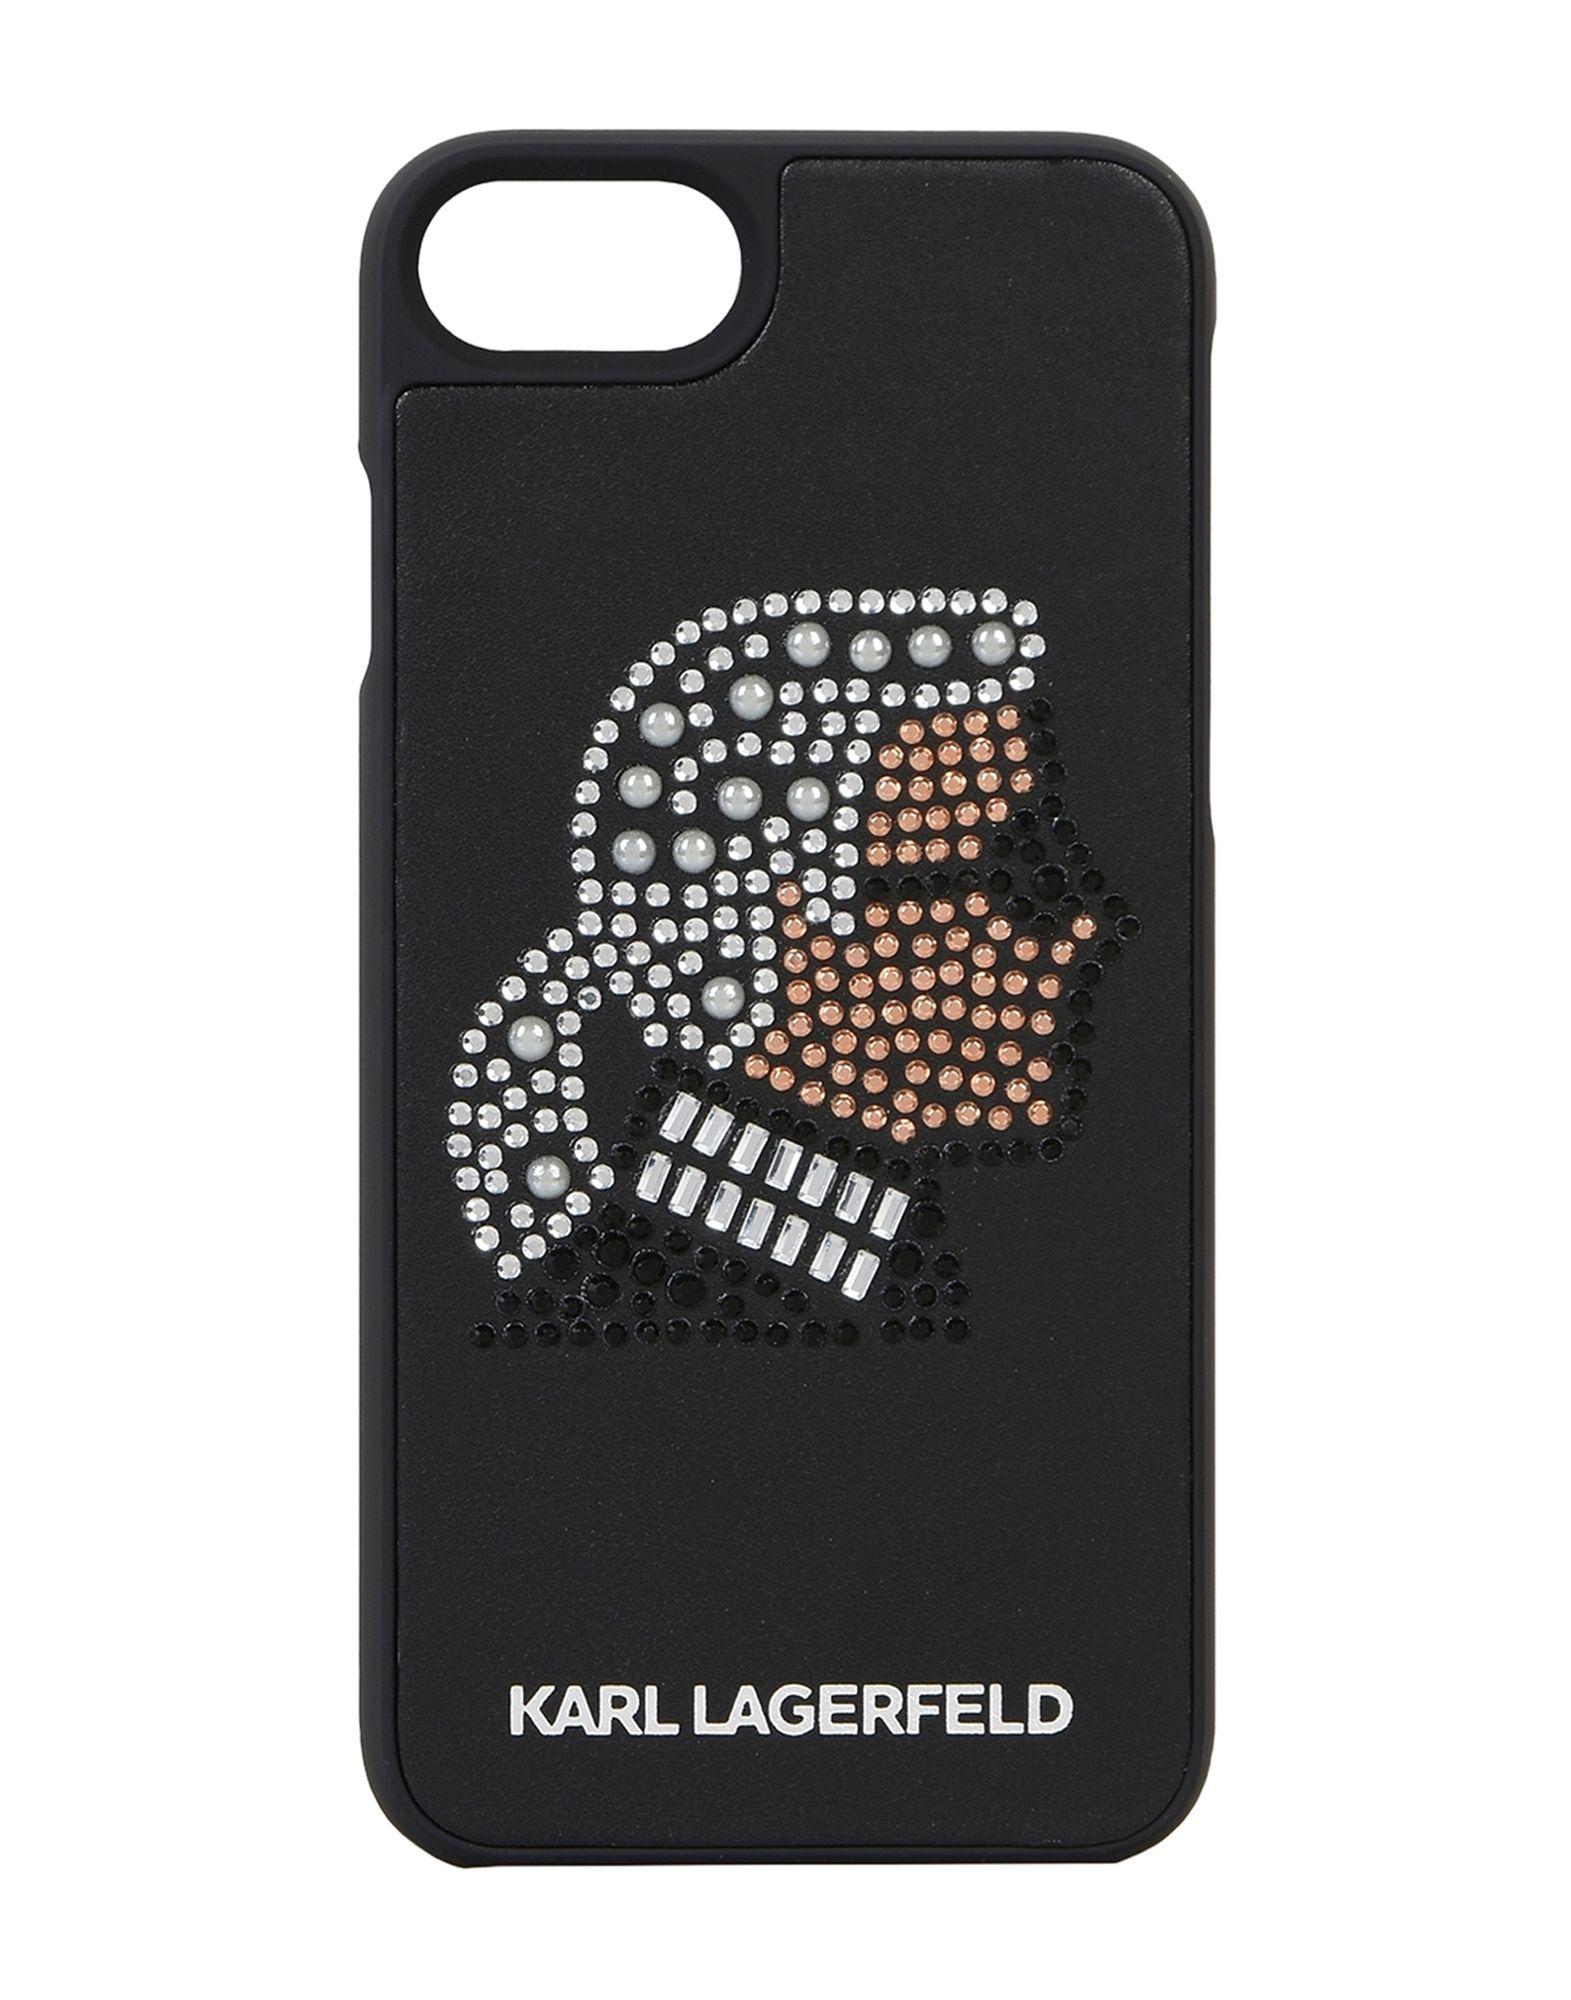 KARL LAGERFELD Чехол karl lagerfeld чехол крышка karl lagerfeld case monster для apple iphone 6 силикон черный soft case